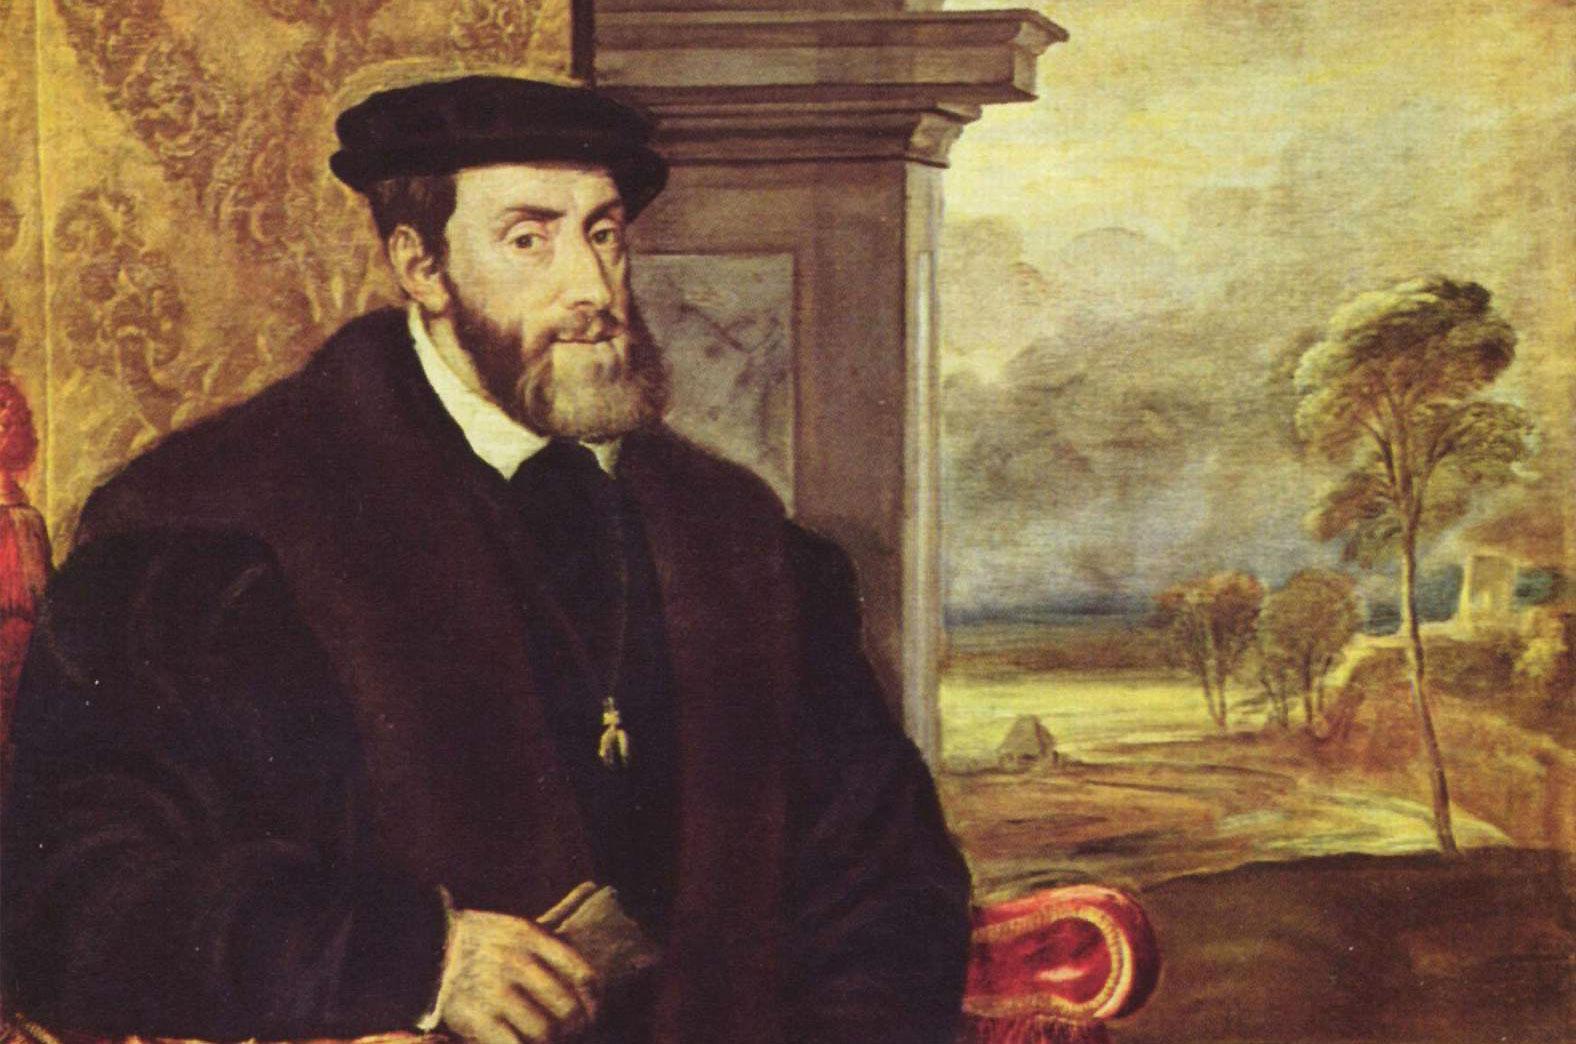 Gemälde von Kaiser Karl V.  von Tizian, wird heute Lambert Sustris zugeschrieben; Foto: Wikipedia, gemeinfrei